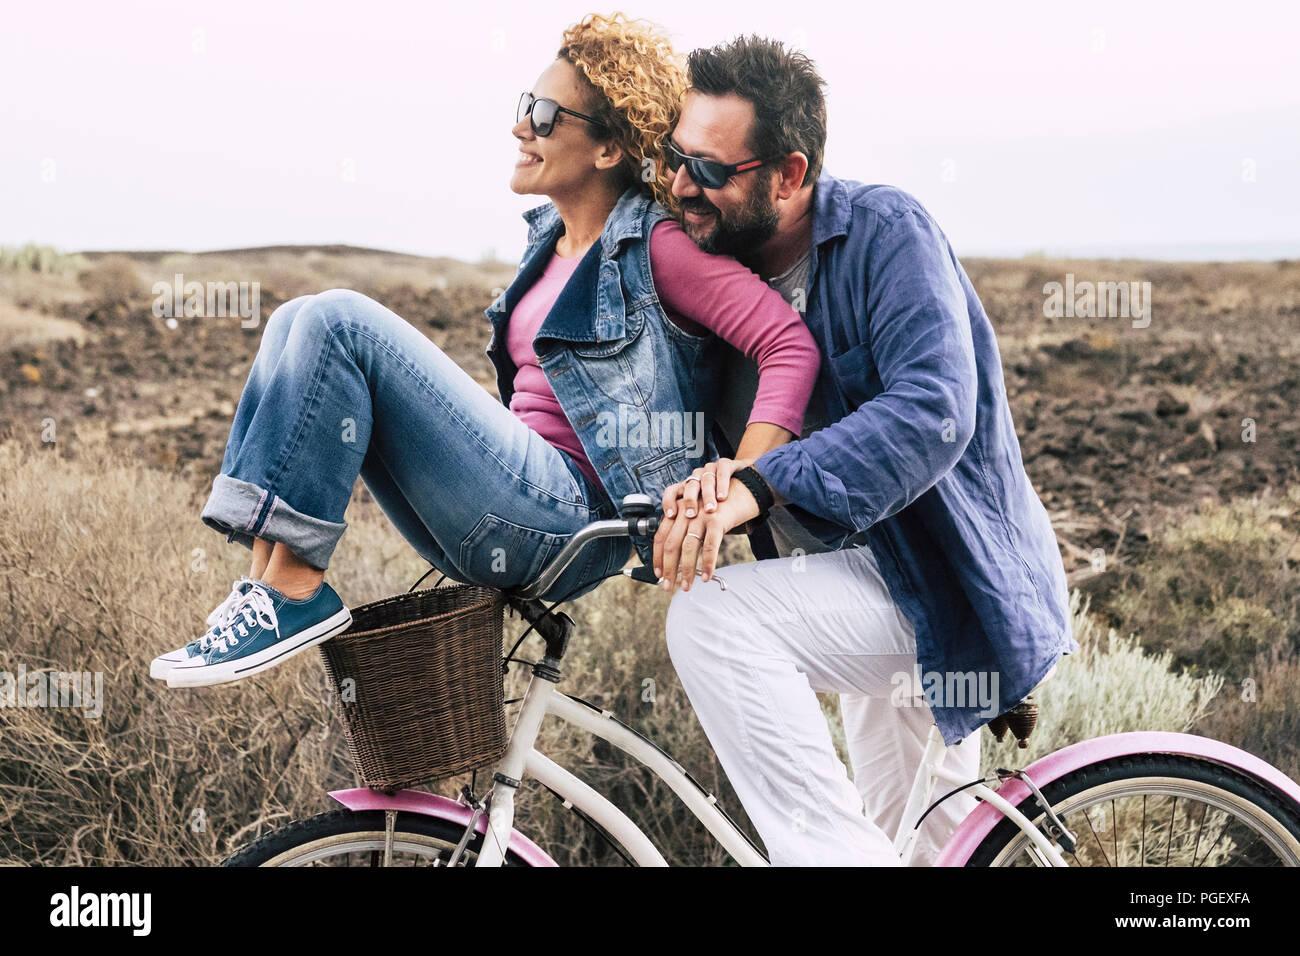 Feliz pareja caucásica, adultos divirtiéndose con bicicleta en actividad de ocio al aire libre. Concepto de activo juguetón personas con bicicleta durante vacaciones - everyd Imagen De Stock